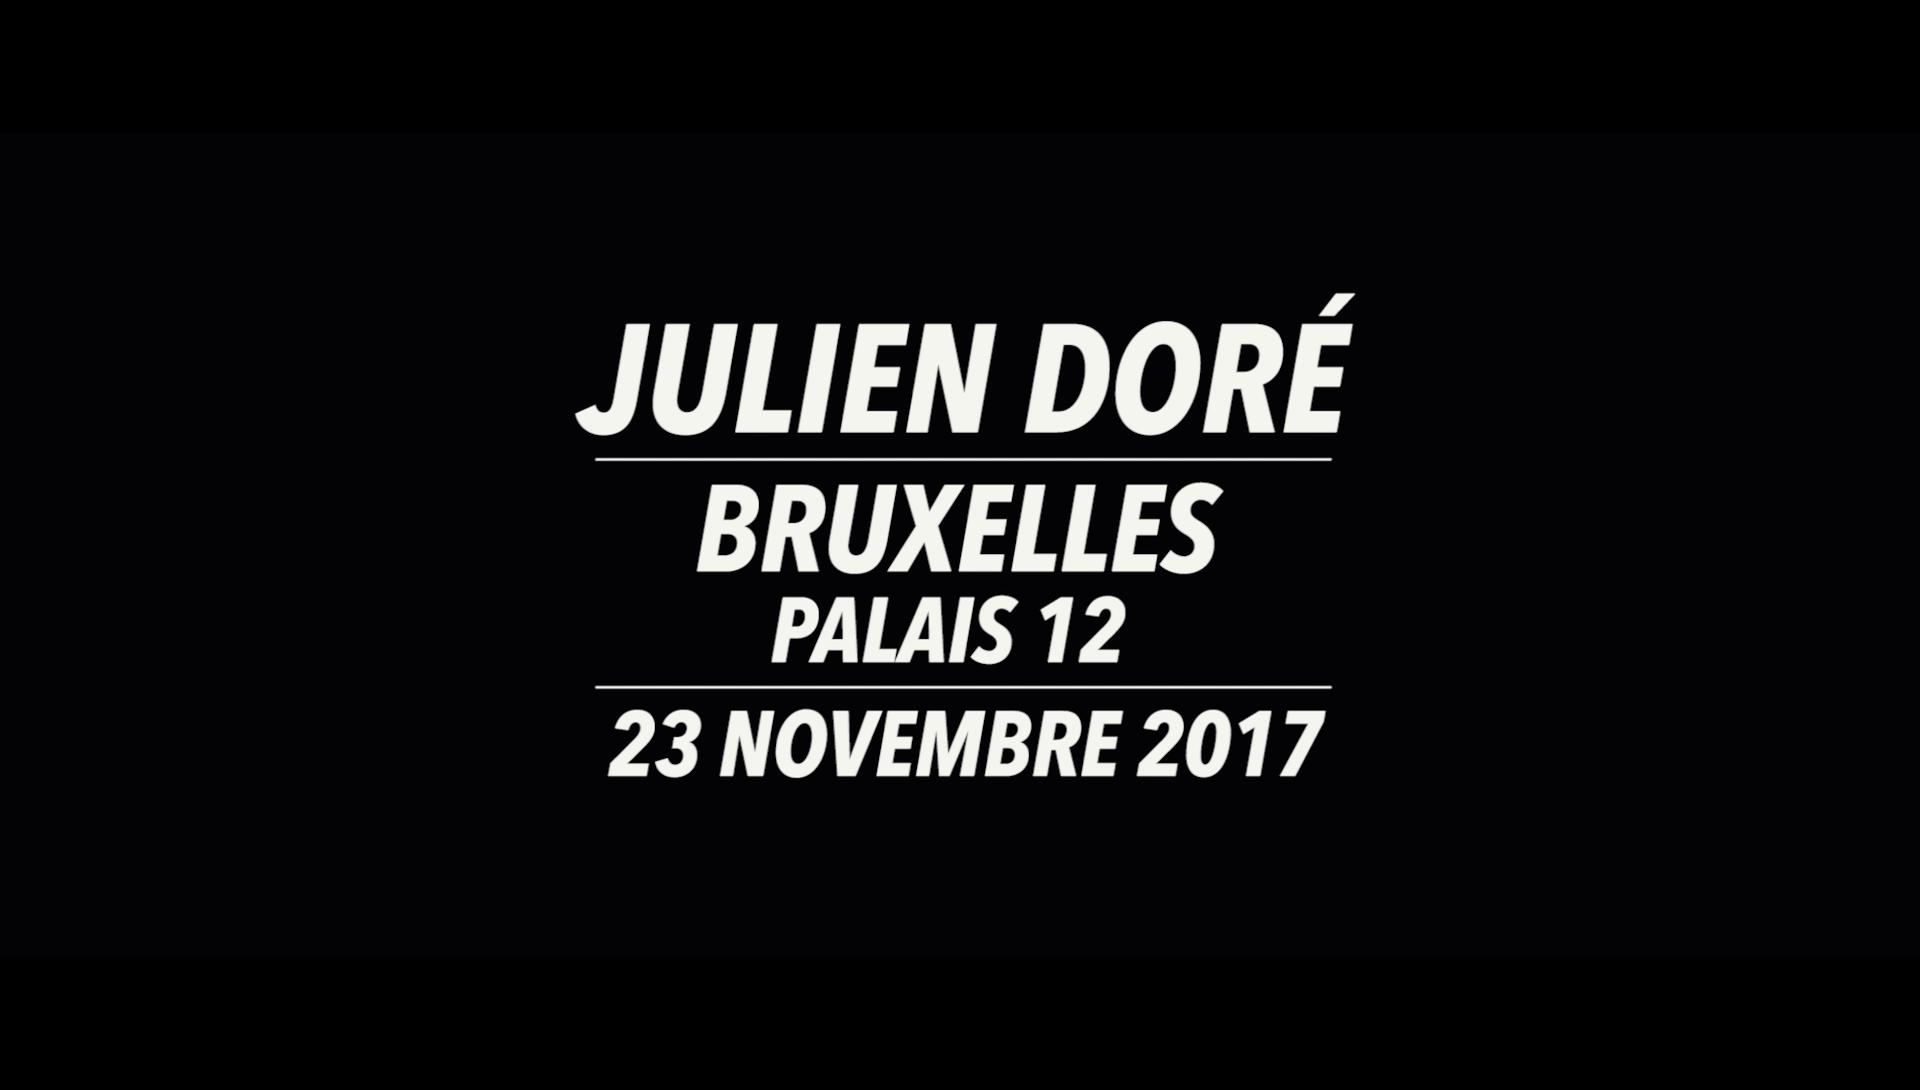 Julien Doré au Palais 12 (Bruxelles) le 23 novembre